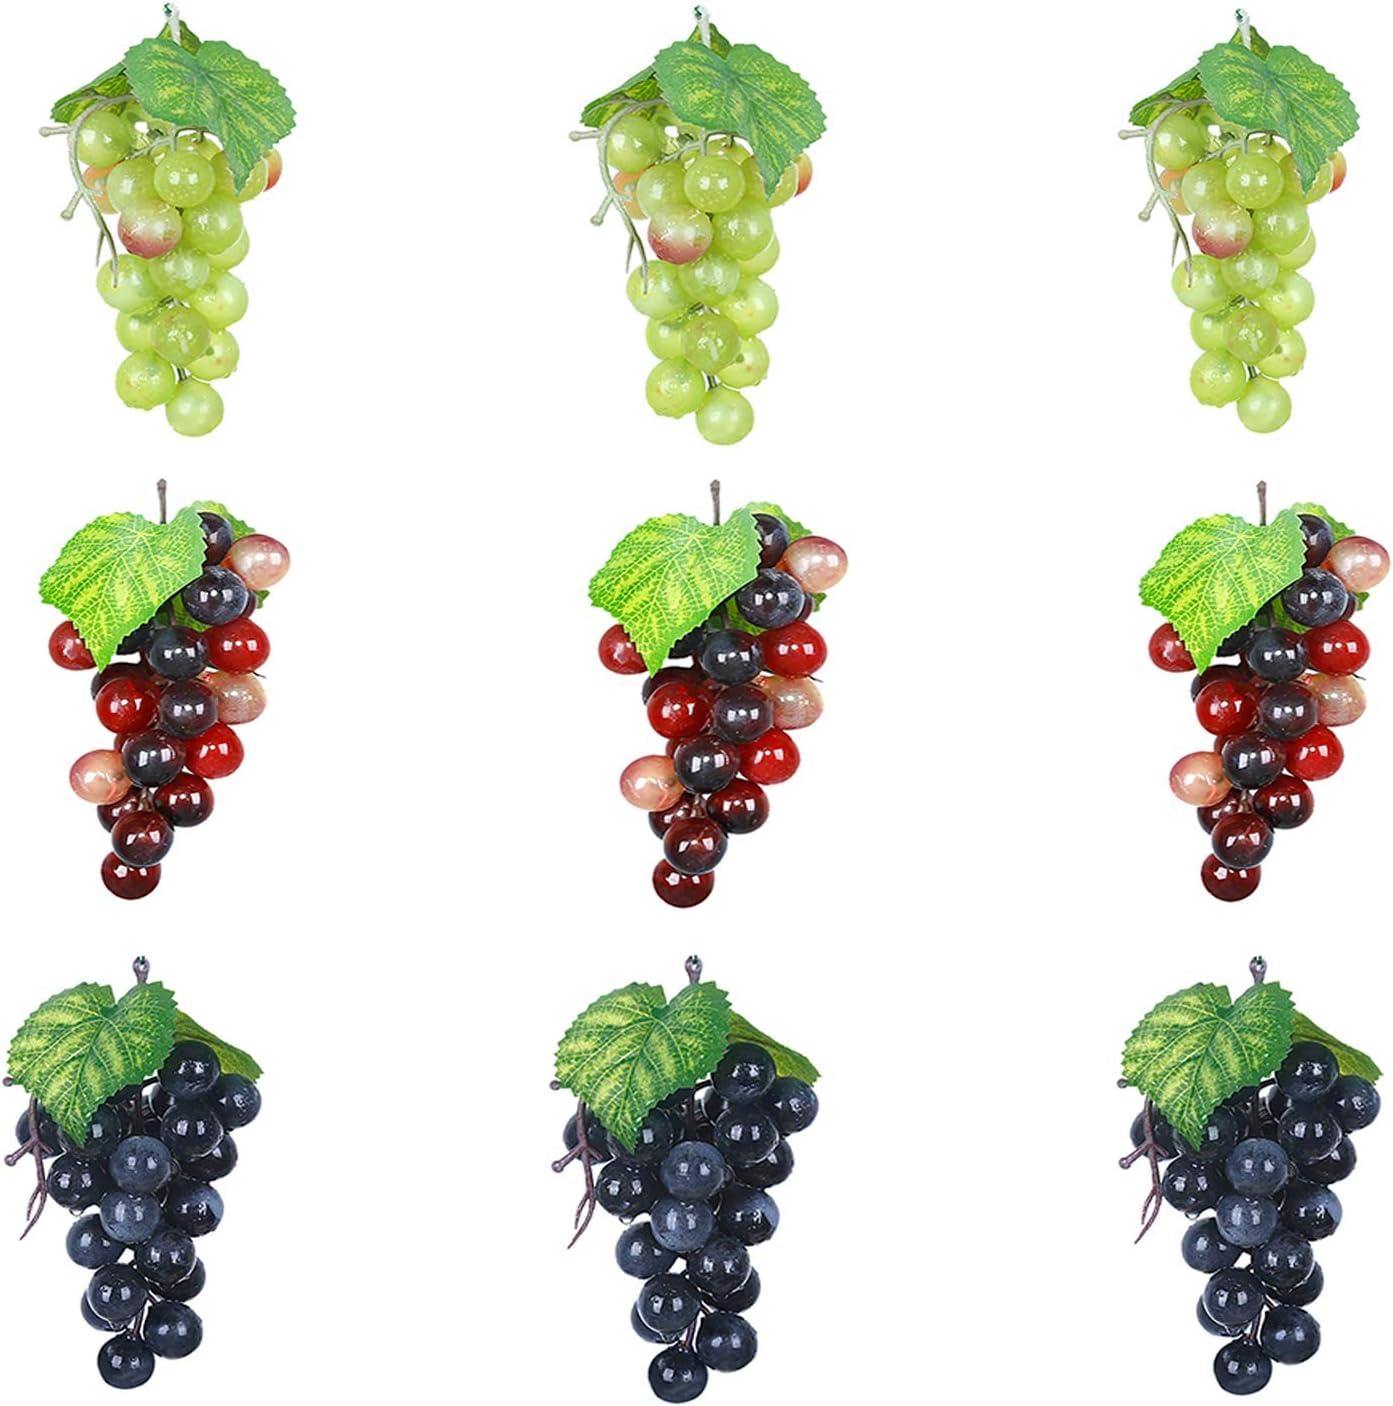 Amazon Com Outgeek Artificial Grapes Mini Grape Clusters Rubber Fake Bundles Decorative Hanging Ornaments For Vintage Wedding Favor Fruit Wine Decor Faux Props Home Kitchen